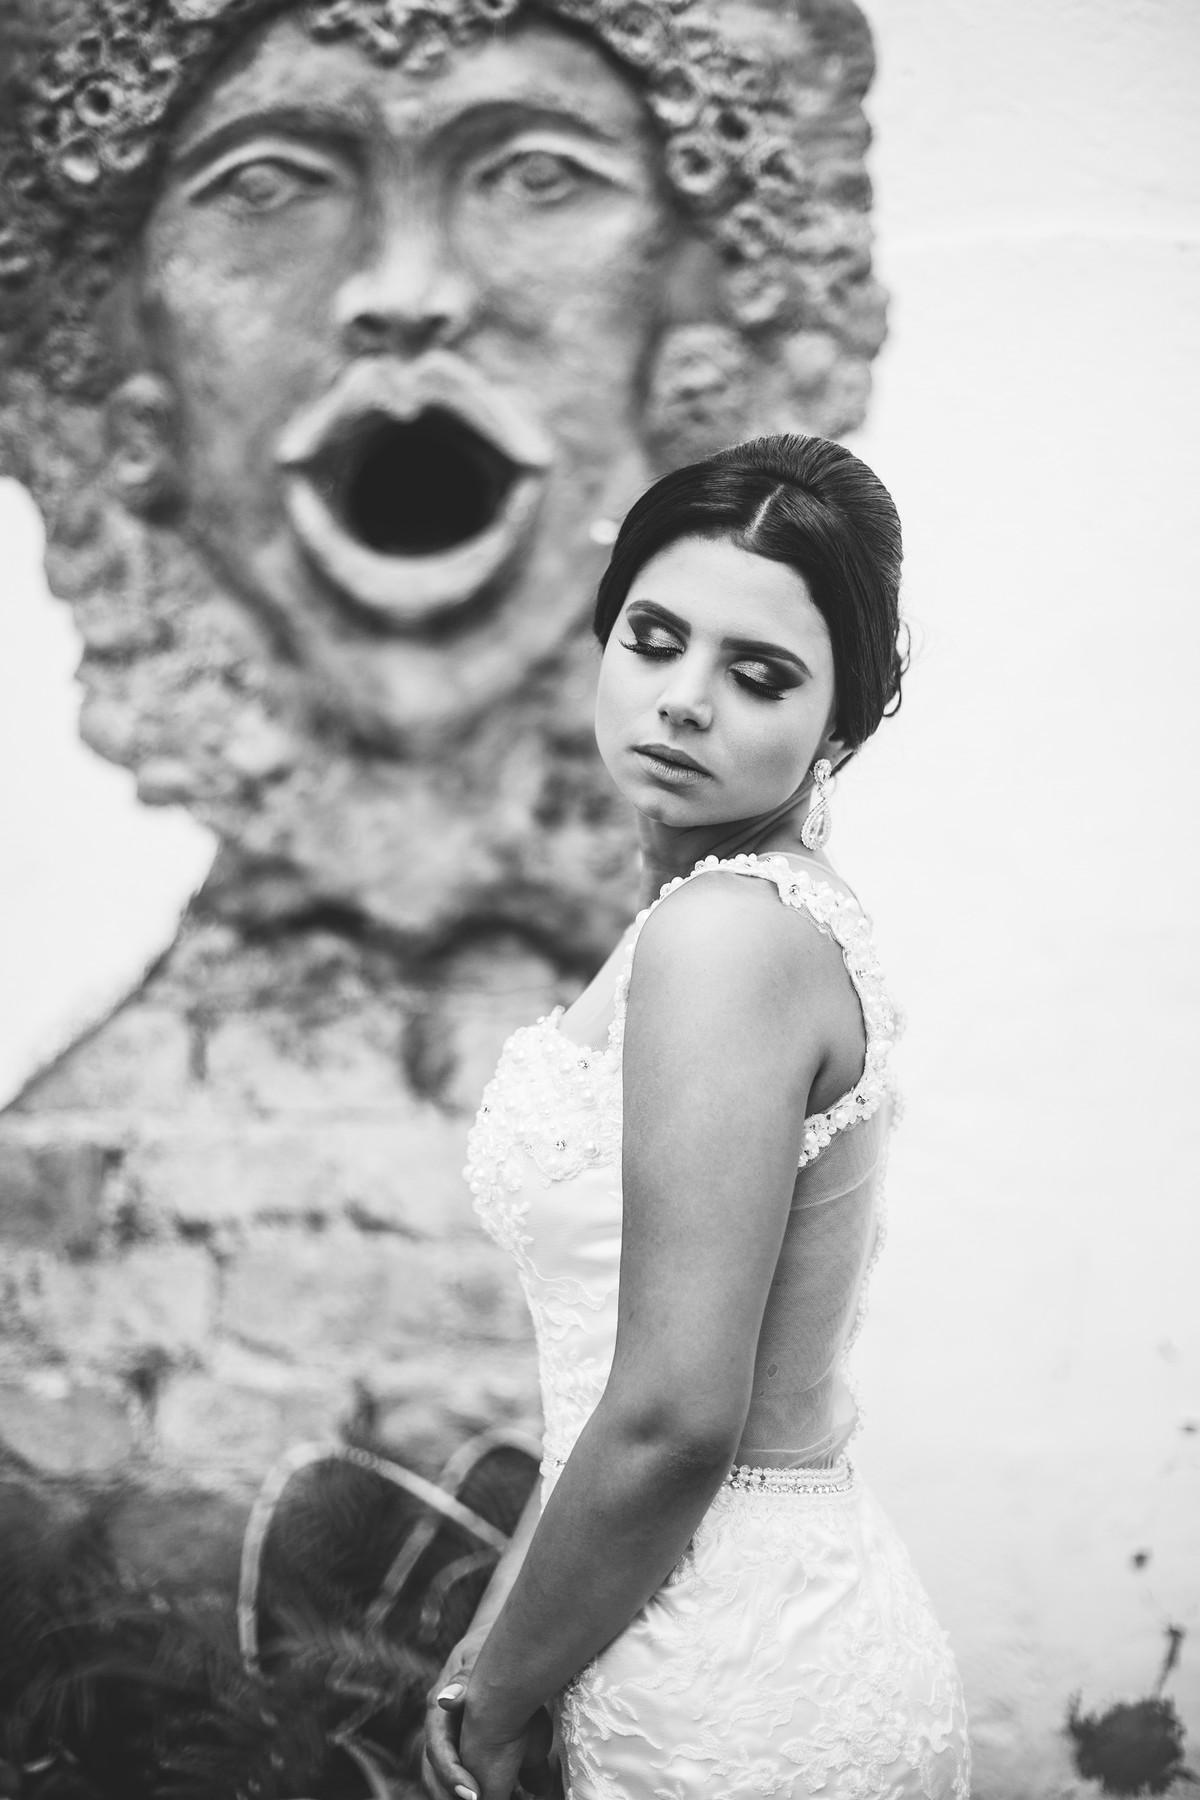 Noiva posando perto de fonte antiga foto feita pelo fotógrafo Rafael Ohana em Paracatu-M